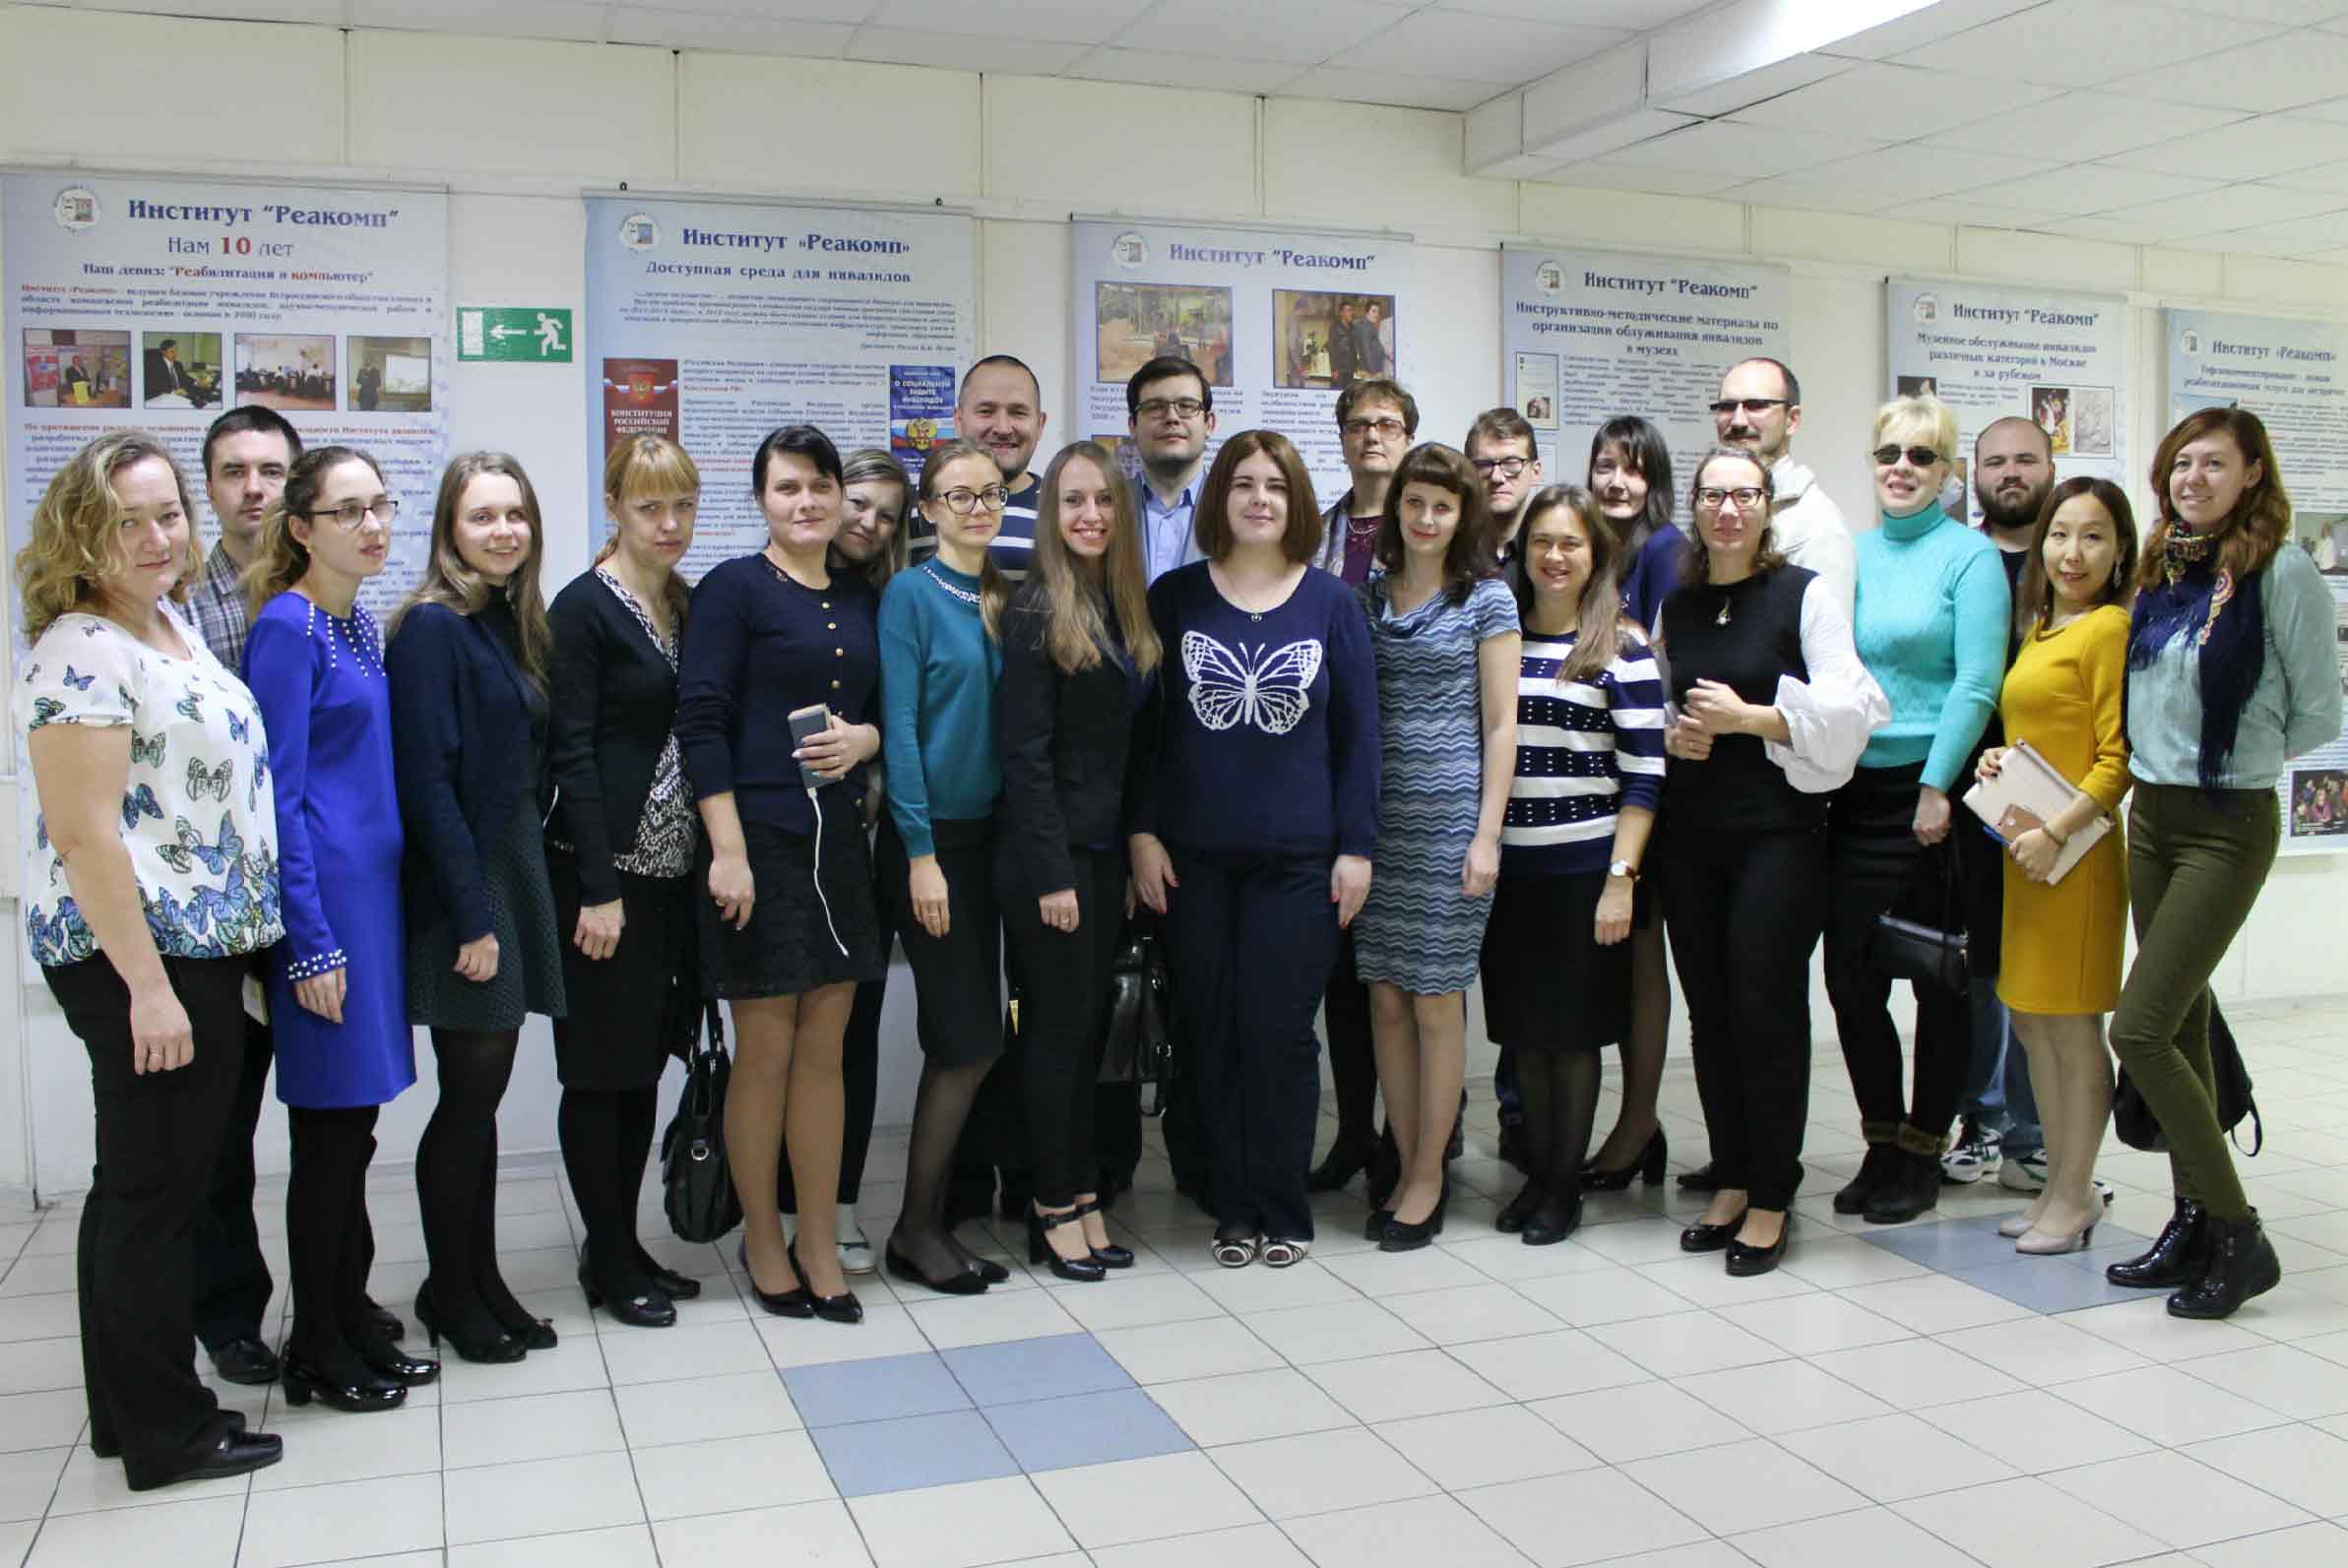 В Институте «Реакомп» завершилось обучение 2 этапа группы профессиональной переподготовки «Менеджмент в социальной сфере».